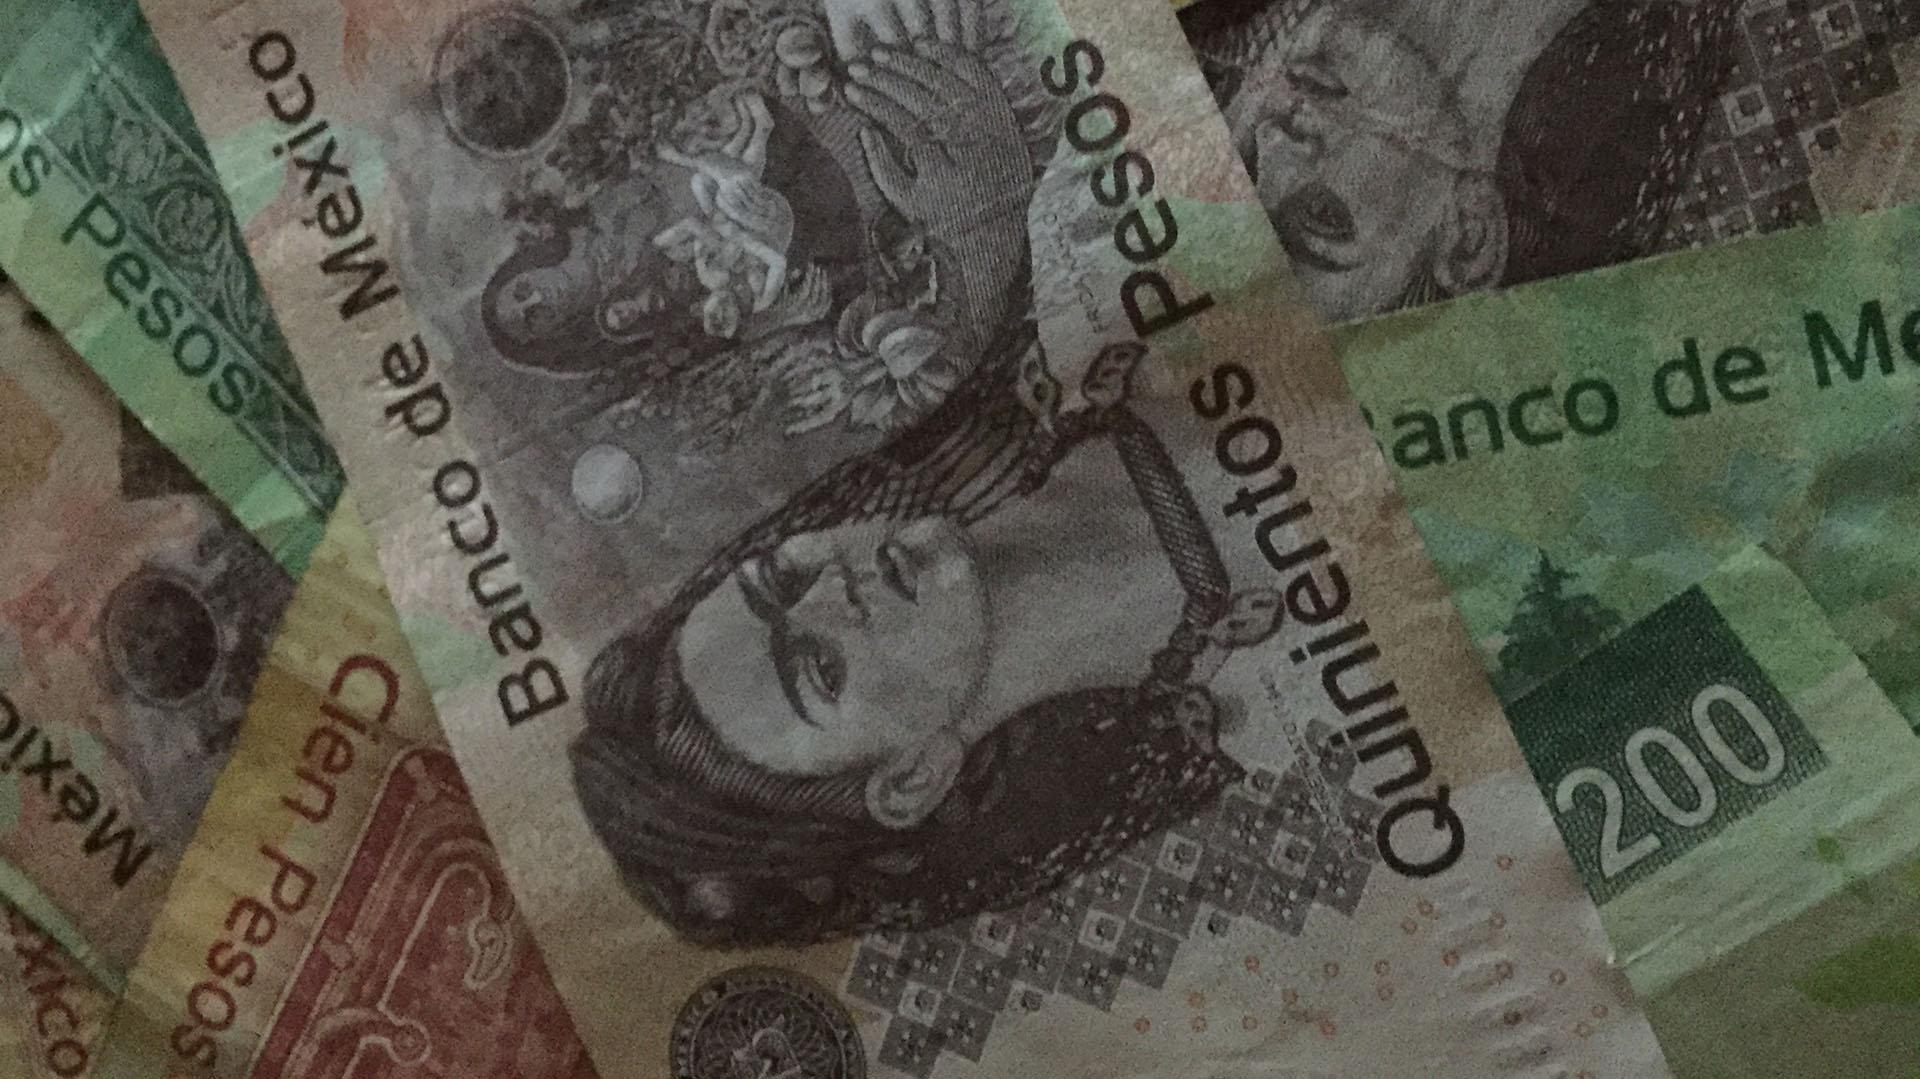 Los mexicanos despilfarran el aguinaldo (Foto: Archivo)